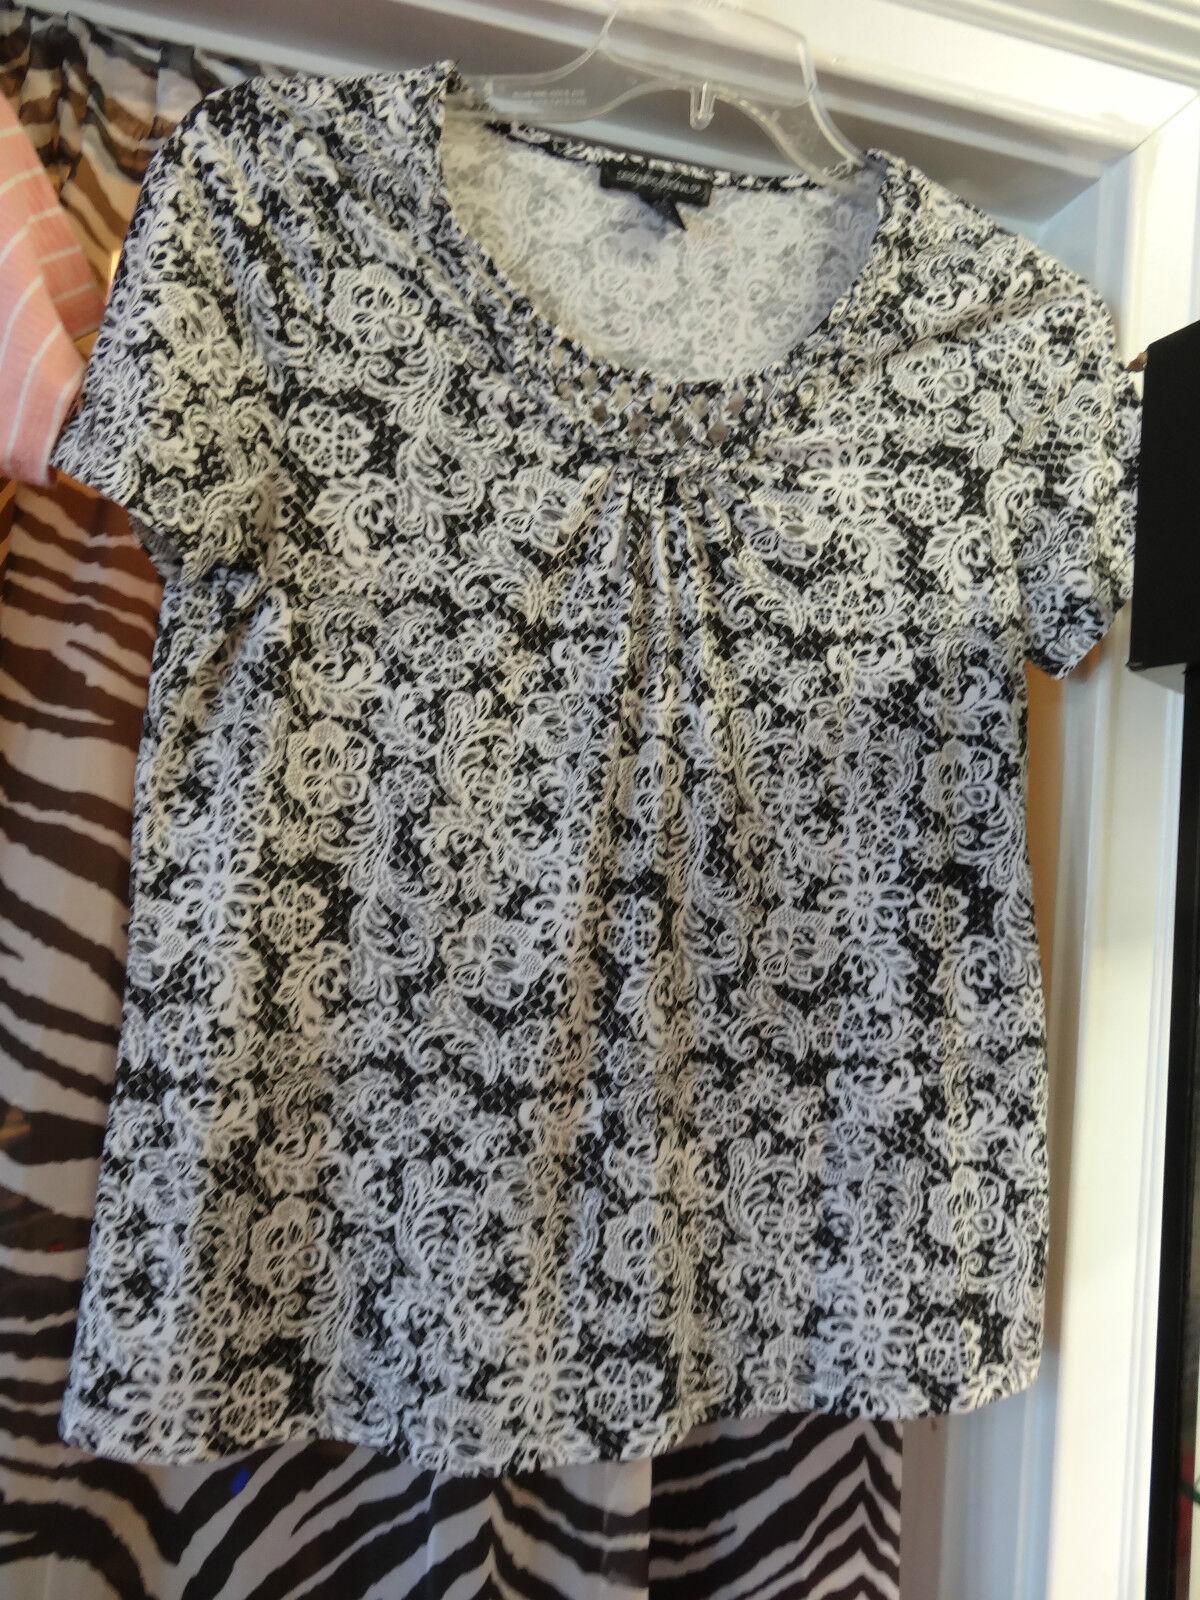 Designers Originals schwarz & Weiß Ladies damen Shirt Größe Small